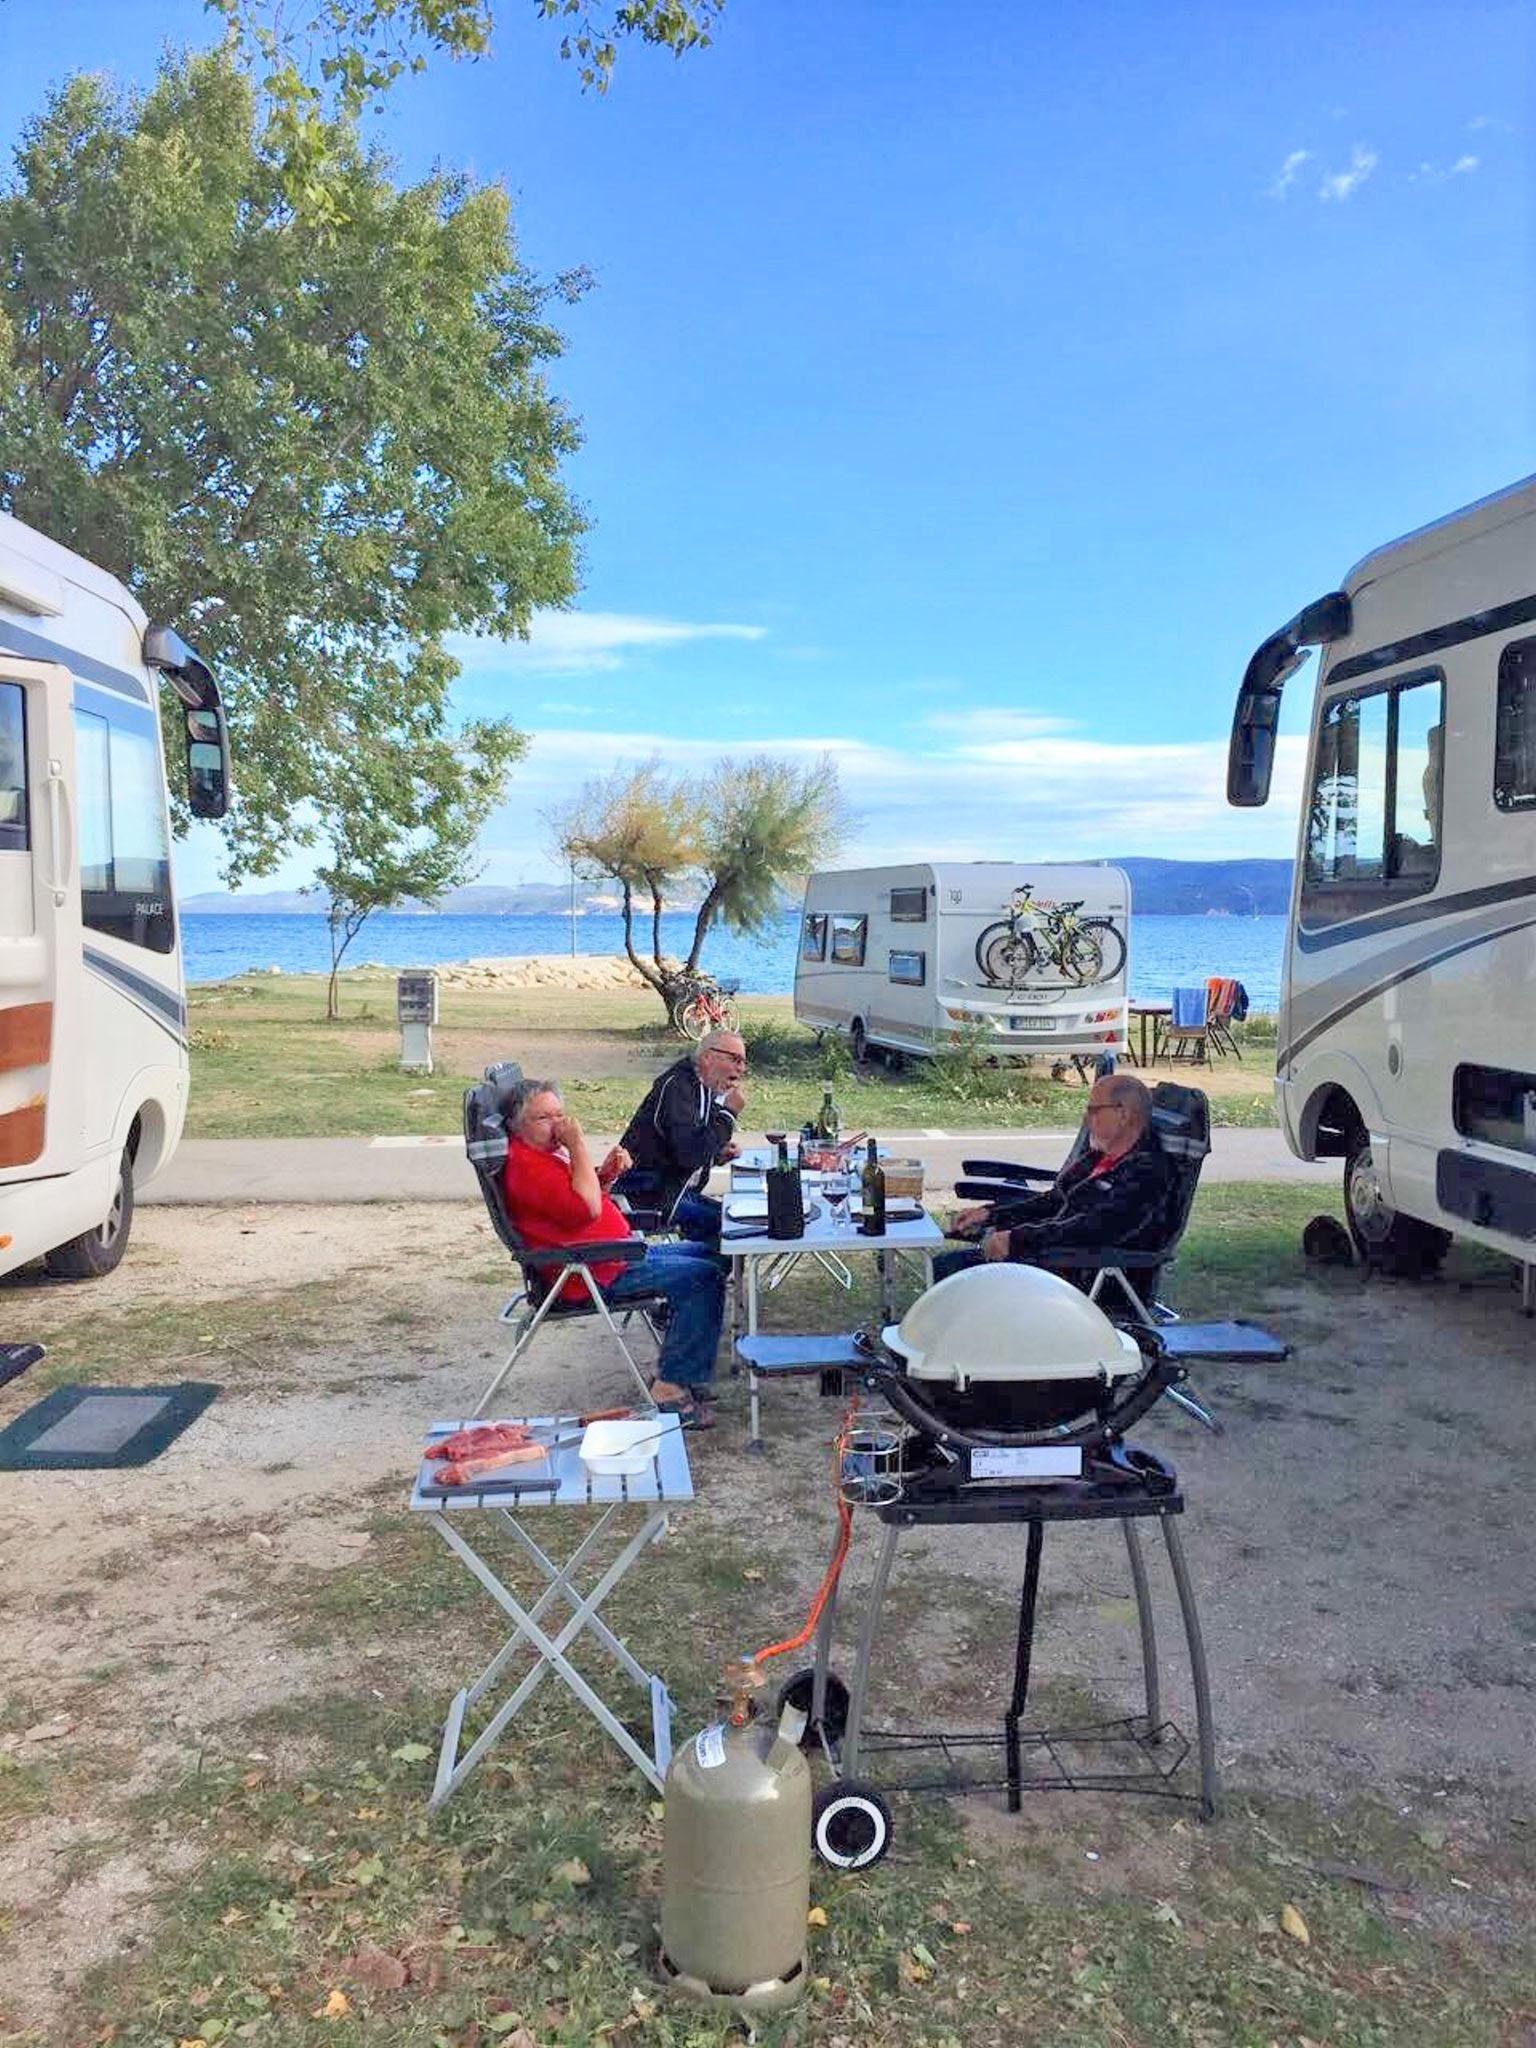 Südlich der Alpen hält der Frühling schon ein bisschen früher Einzug - Luxus-Reisemobil